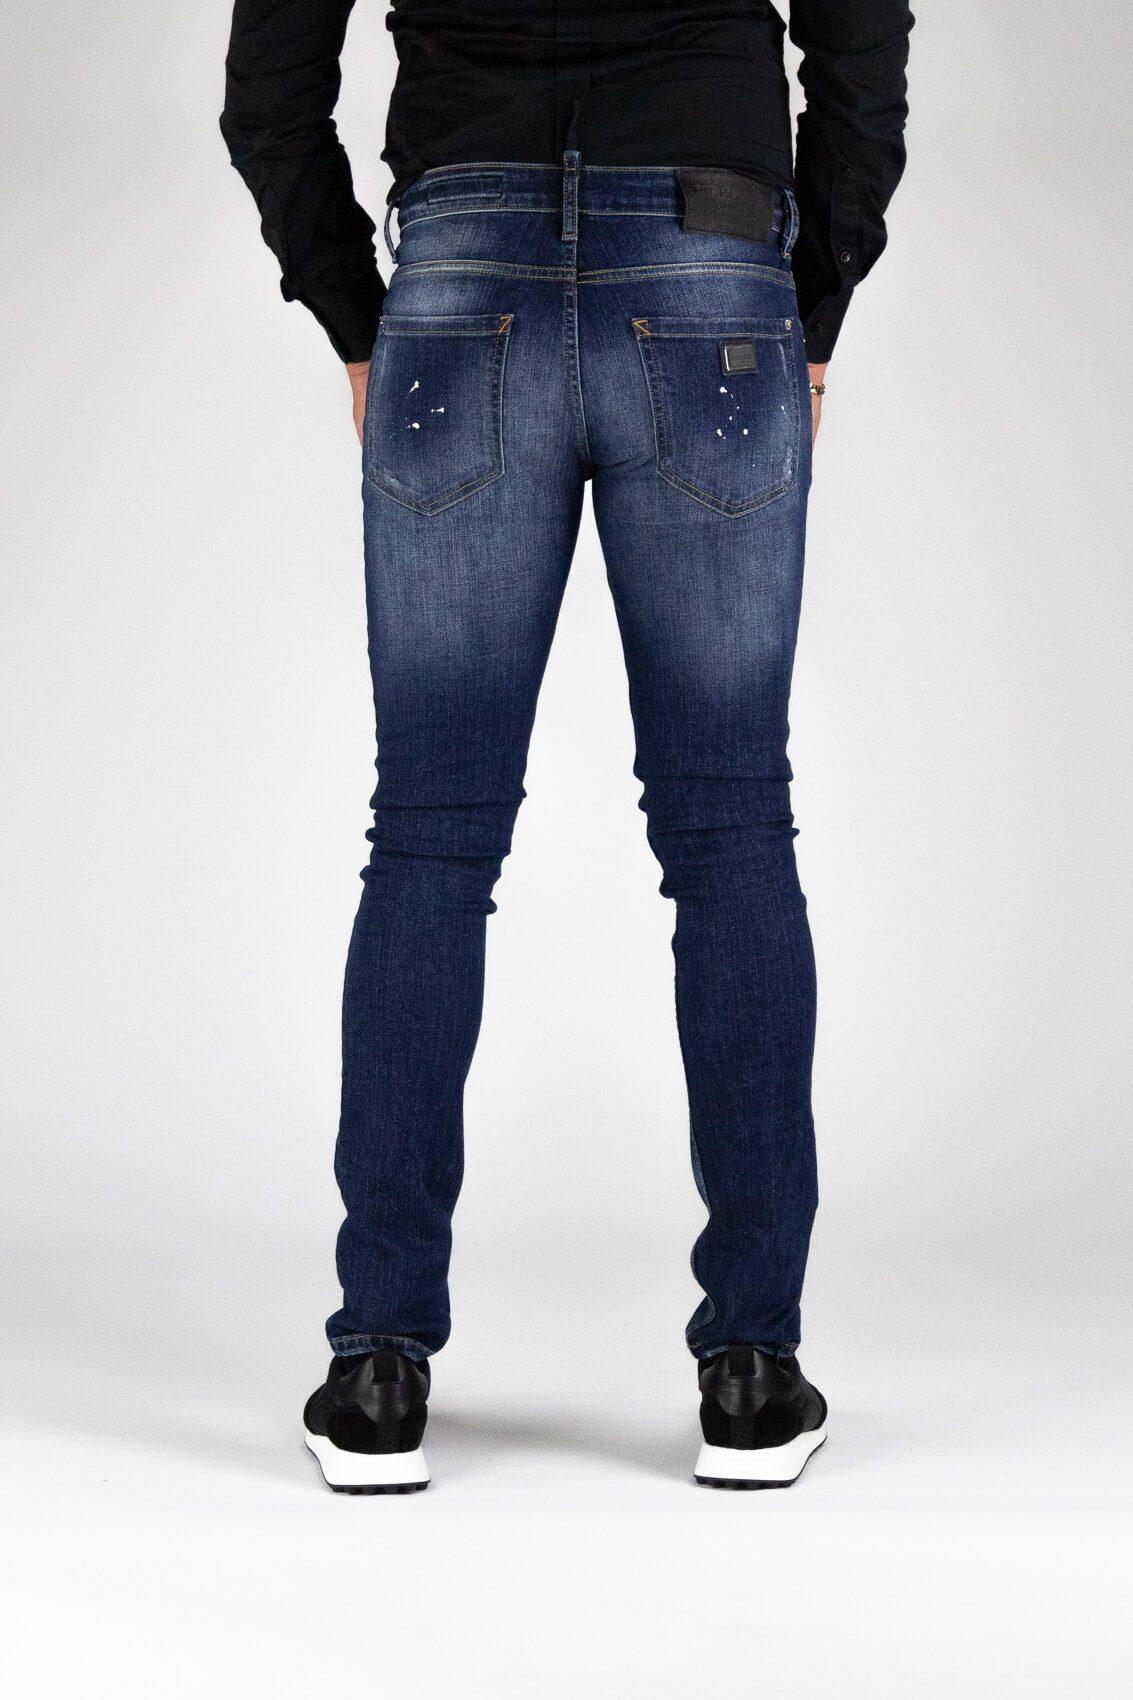 Cordova Blue Jeans_5